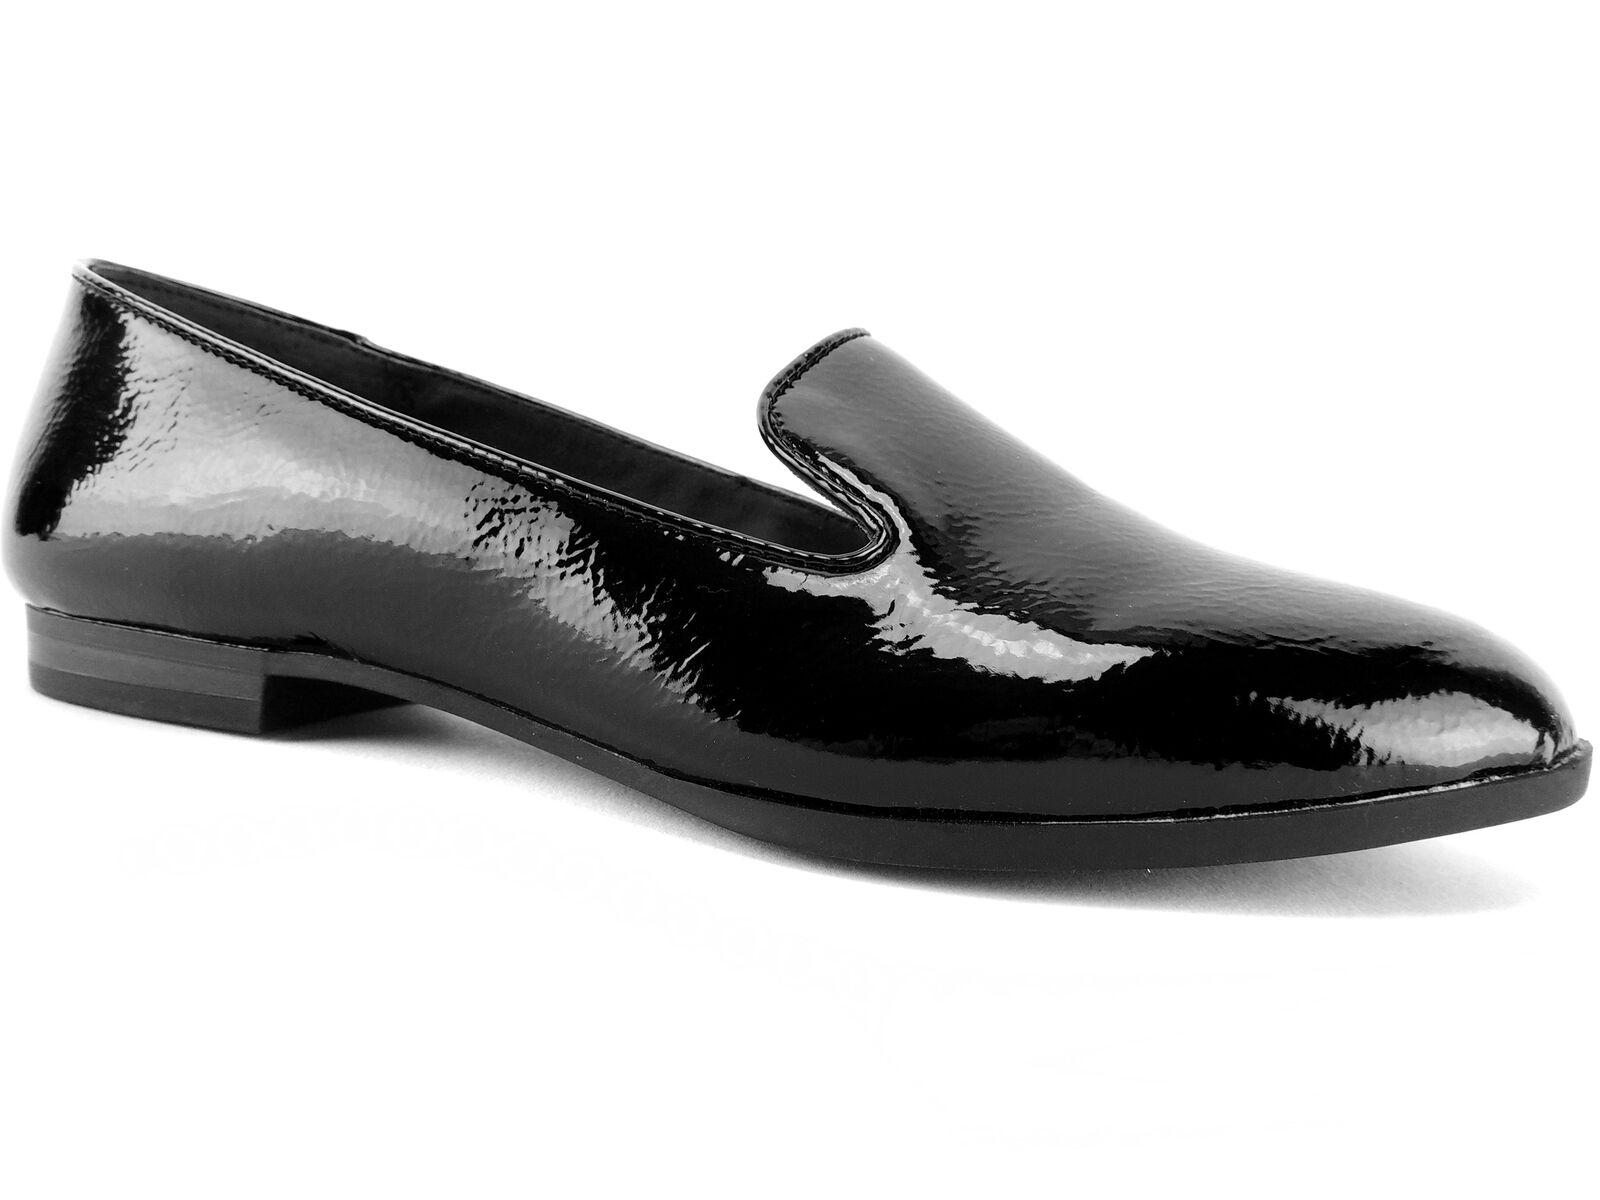 Alfani Women's Oceanaa Step 'N Flex Flats Black Patent Size 7.5 M